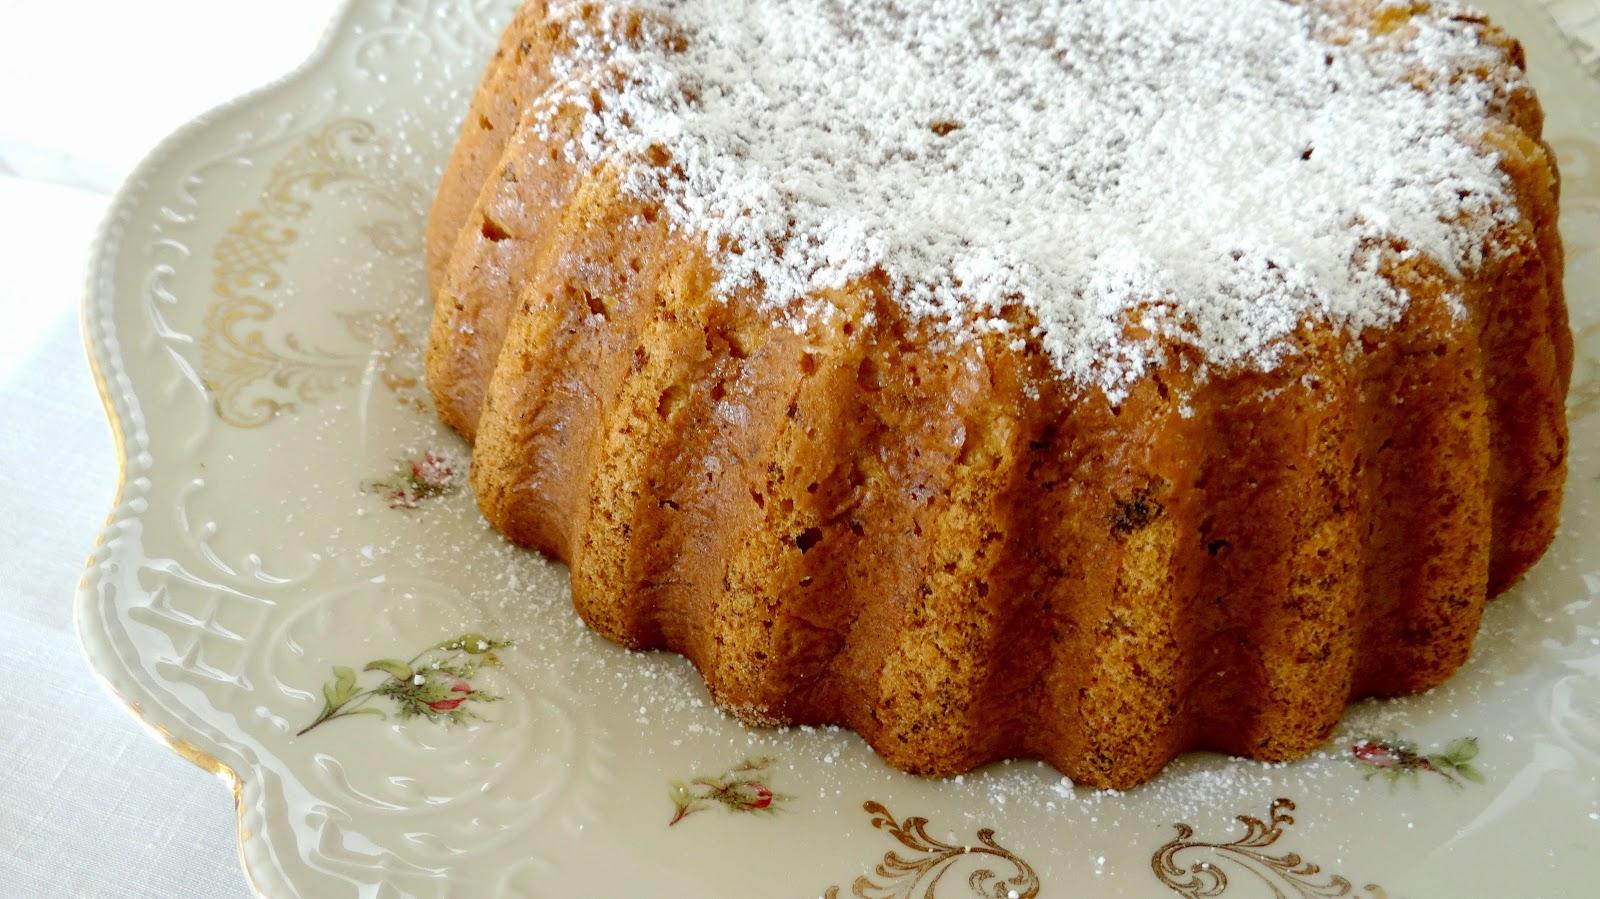 torta di zucca, agrumi e zenzero